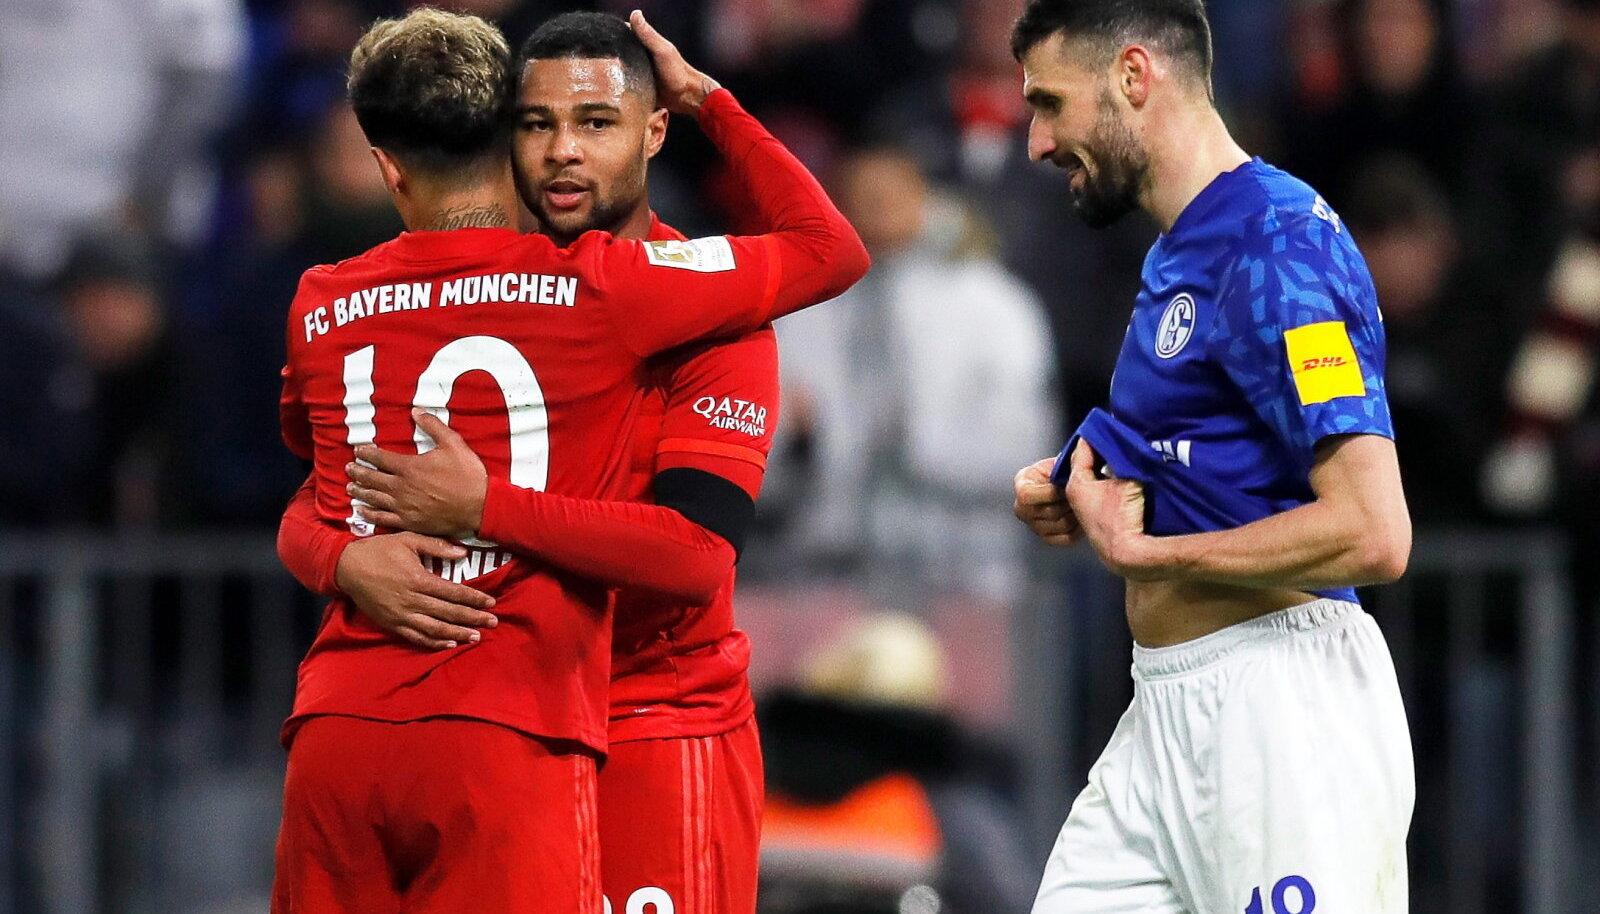 Bayerni mängumehed matšis Schalkega